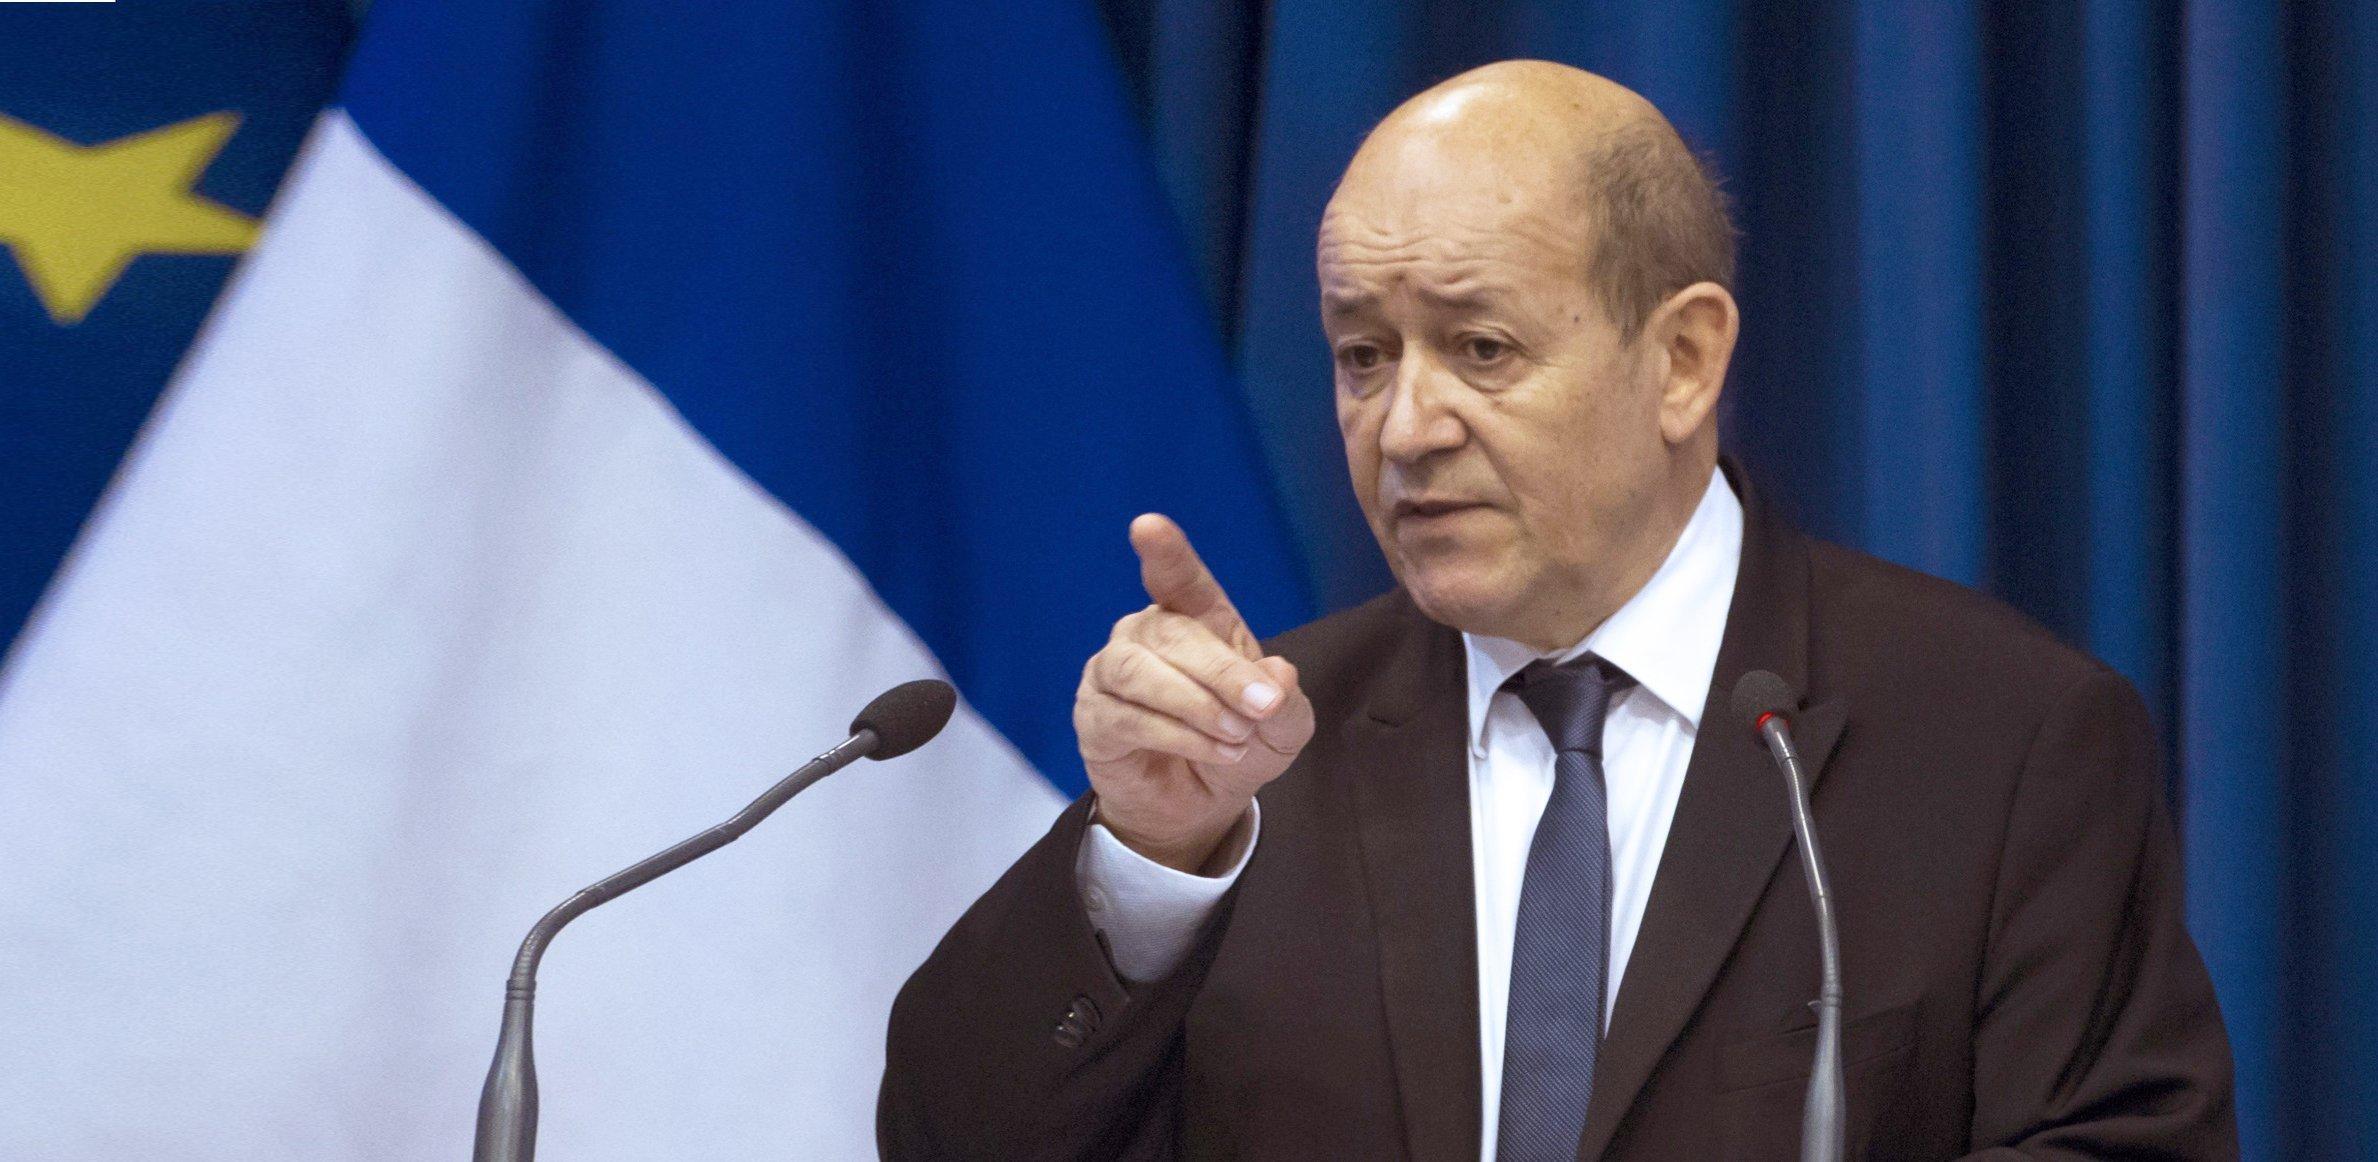 هشدار فرانسه: ایران نمیتواند از مذاکره بر سر ۳ موضوع طفره برود